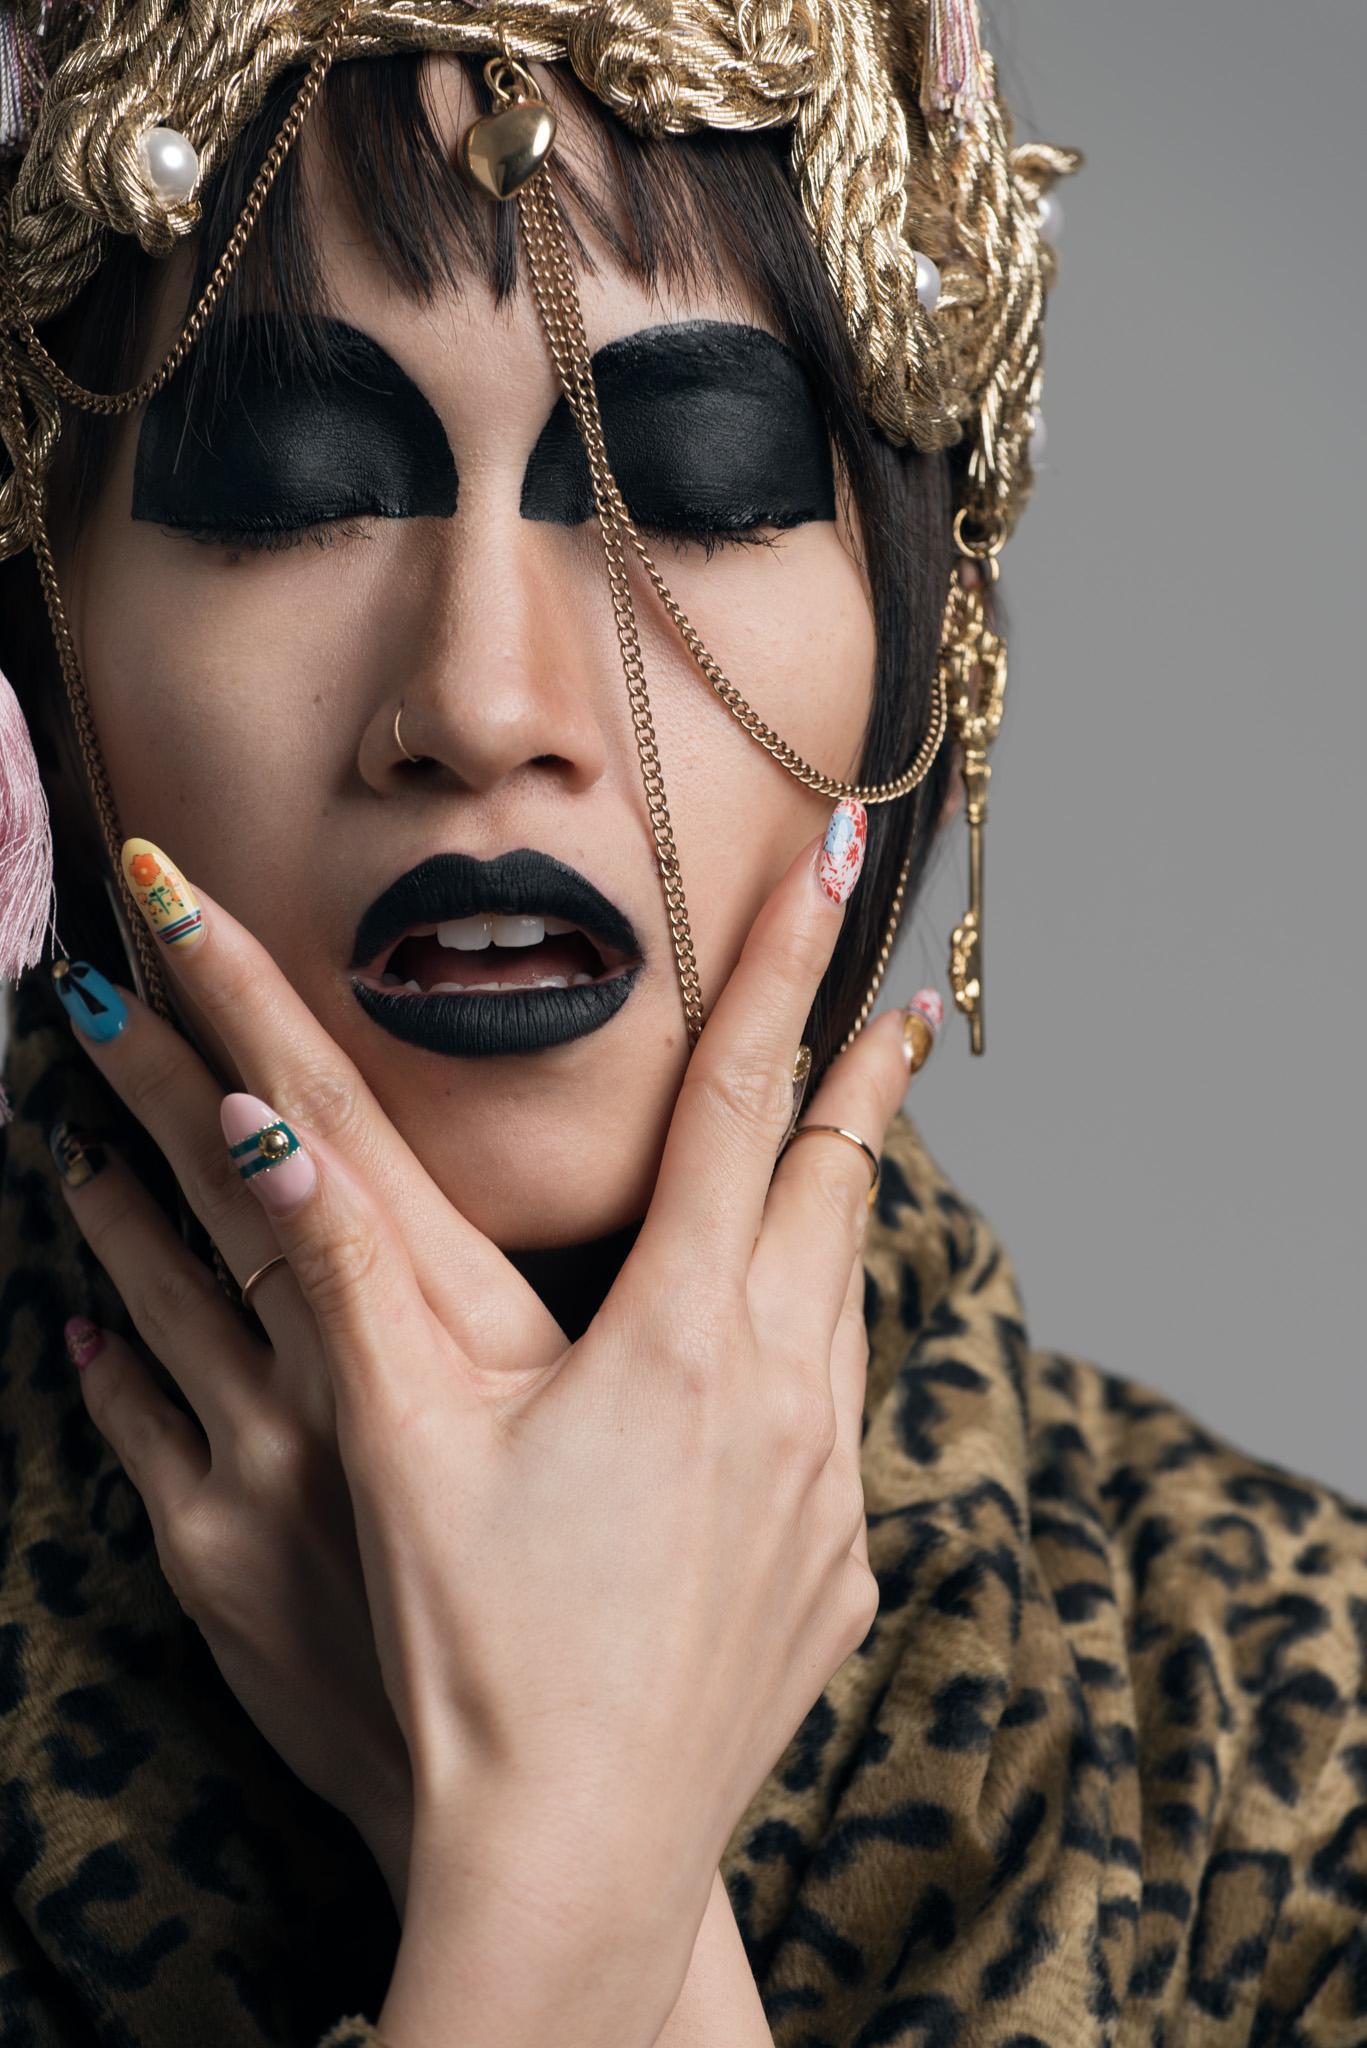 greenville-commercial-fashion-photographer-jorge-gonzalez-deanne-nguyen-3